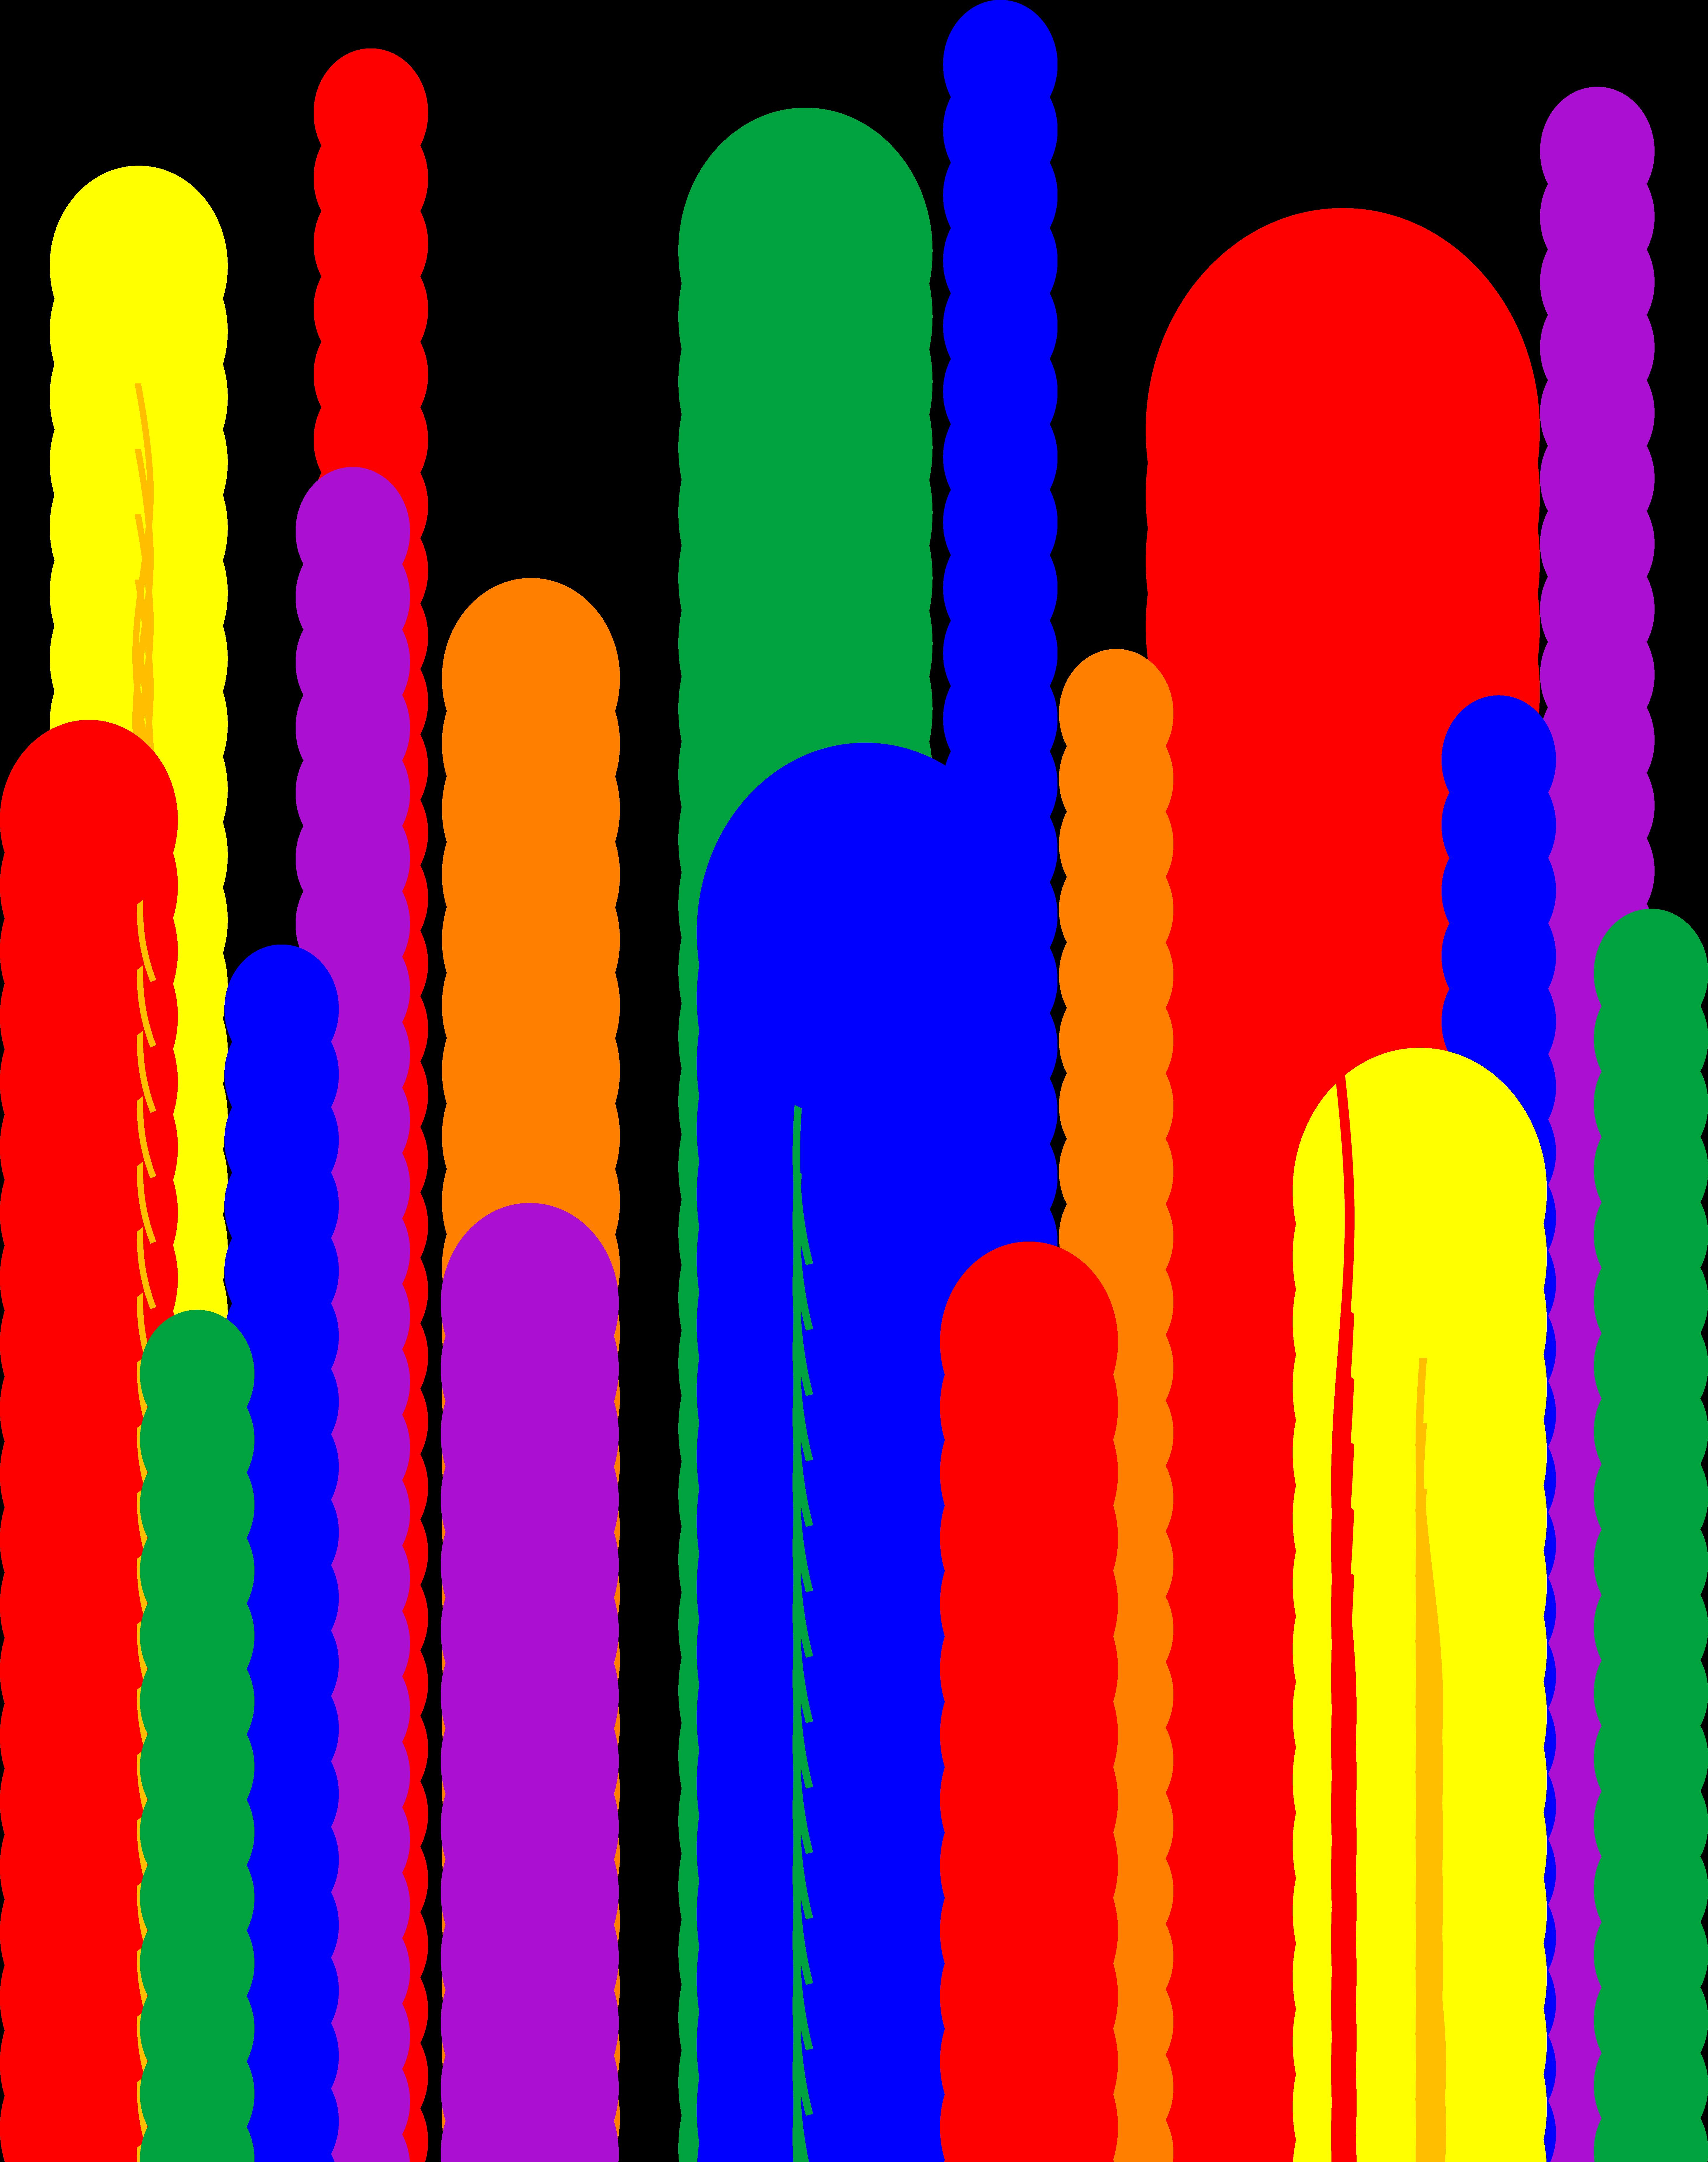 5847x7402 Balloon Clipart Backdrop